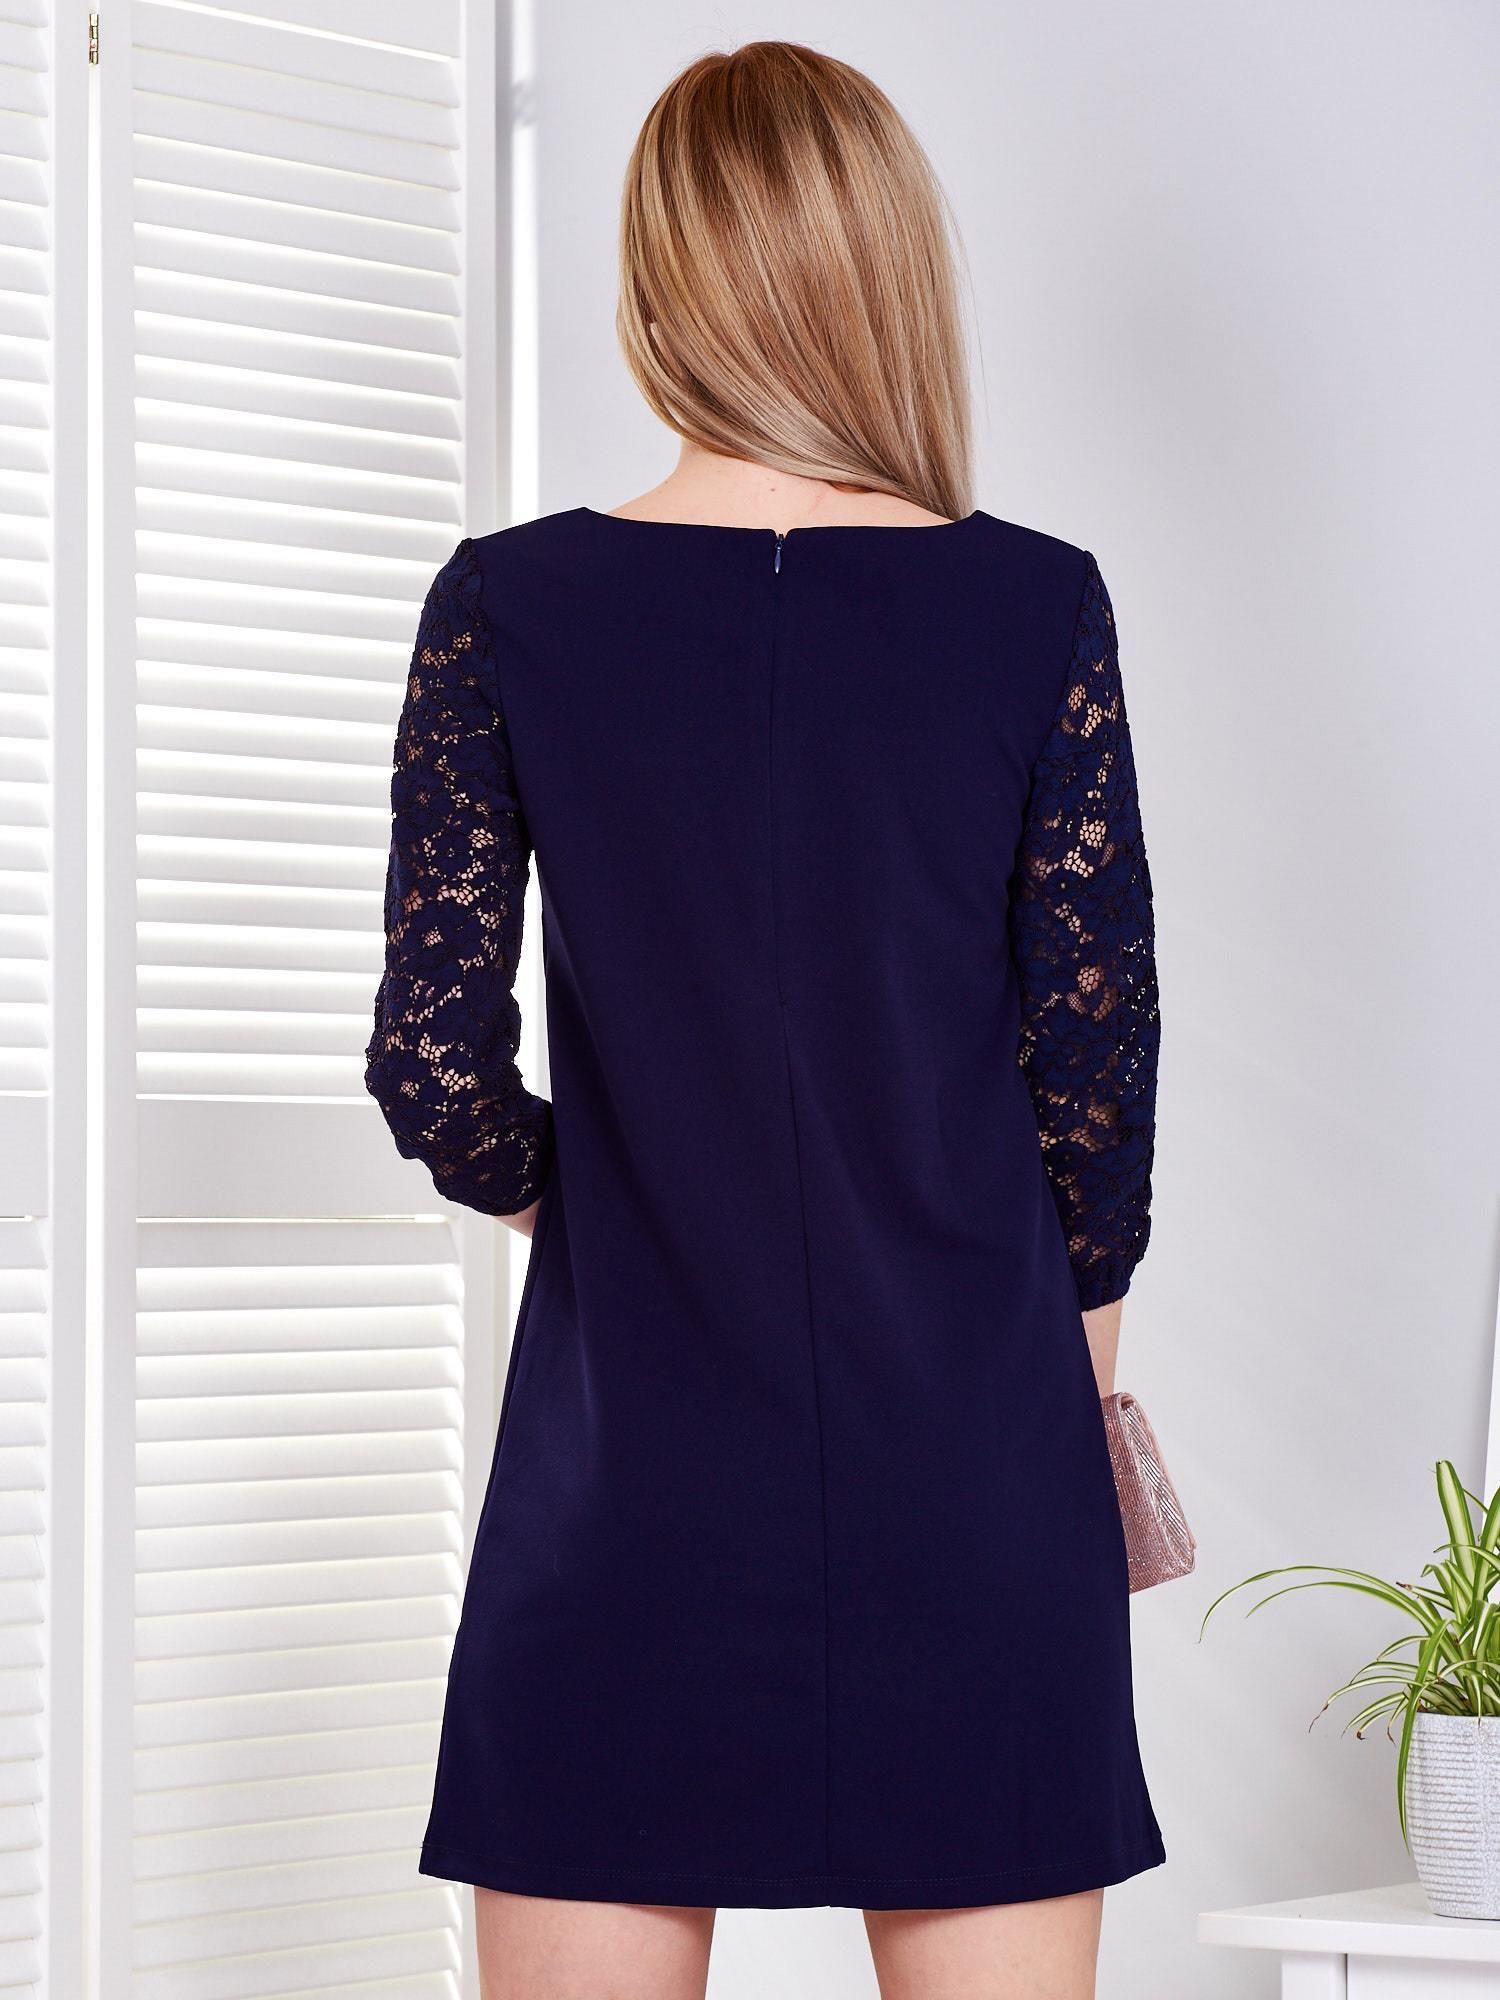 8aa2748d85 Granatowa sukienka z koronkowymi rękawami - Sukienka koktajlowa ...